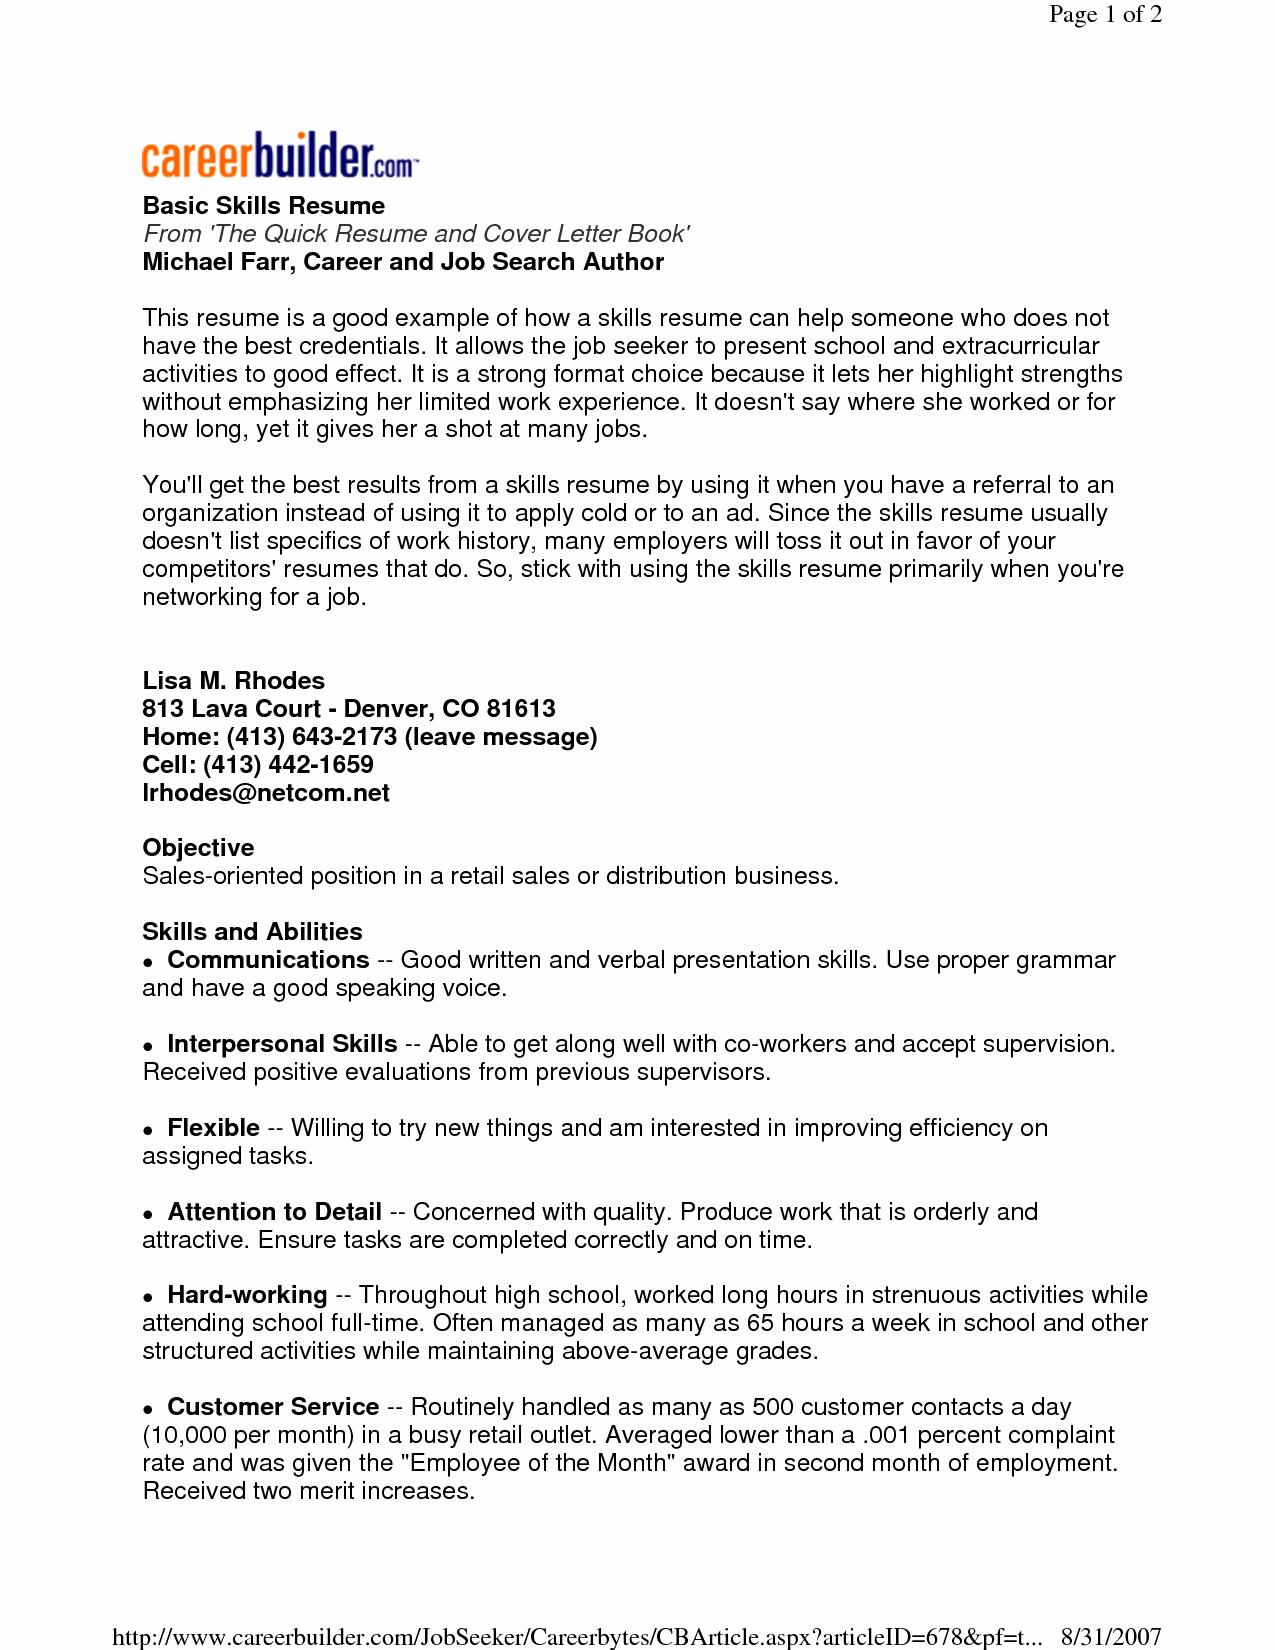 Good Ideas for Resume Skills Sidemcicek